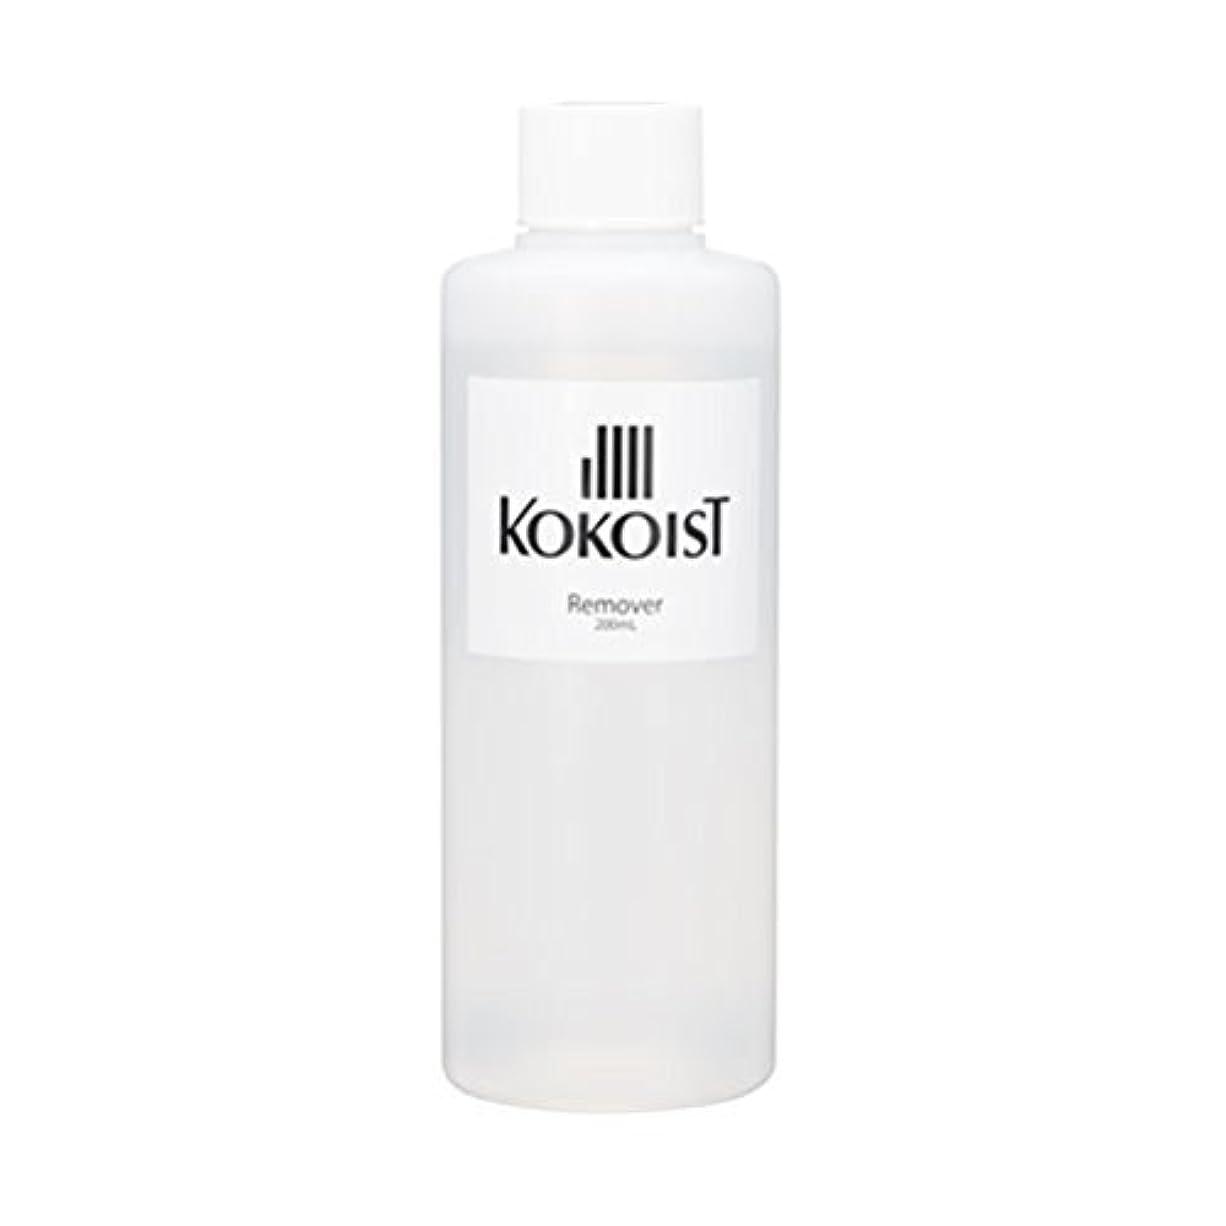 事業内容背骨仮称KOKOIST(ココイスト) リムーバー 200ml